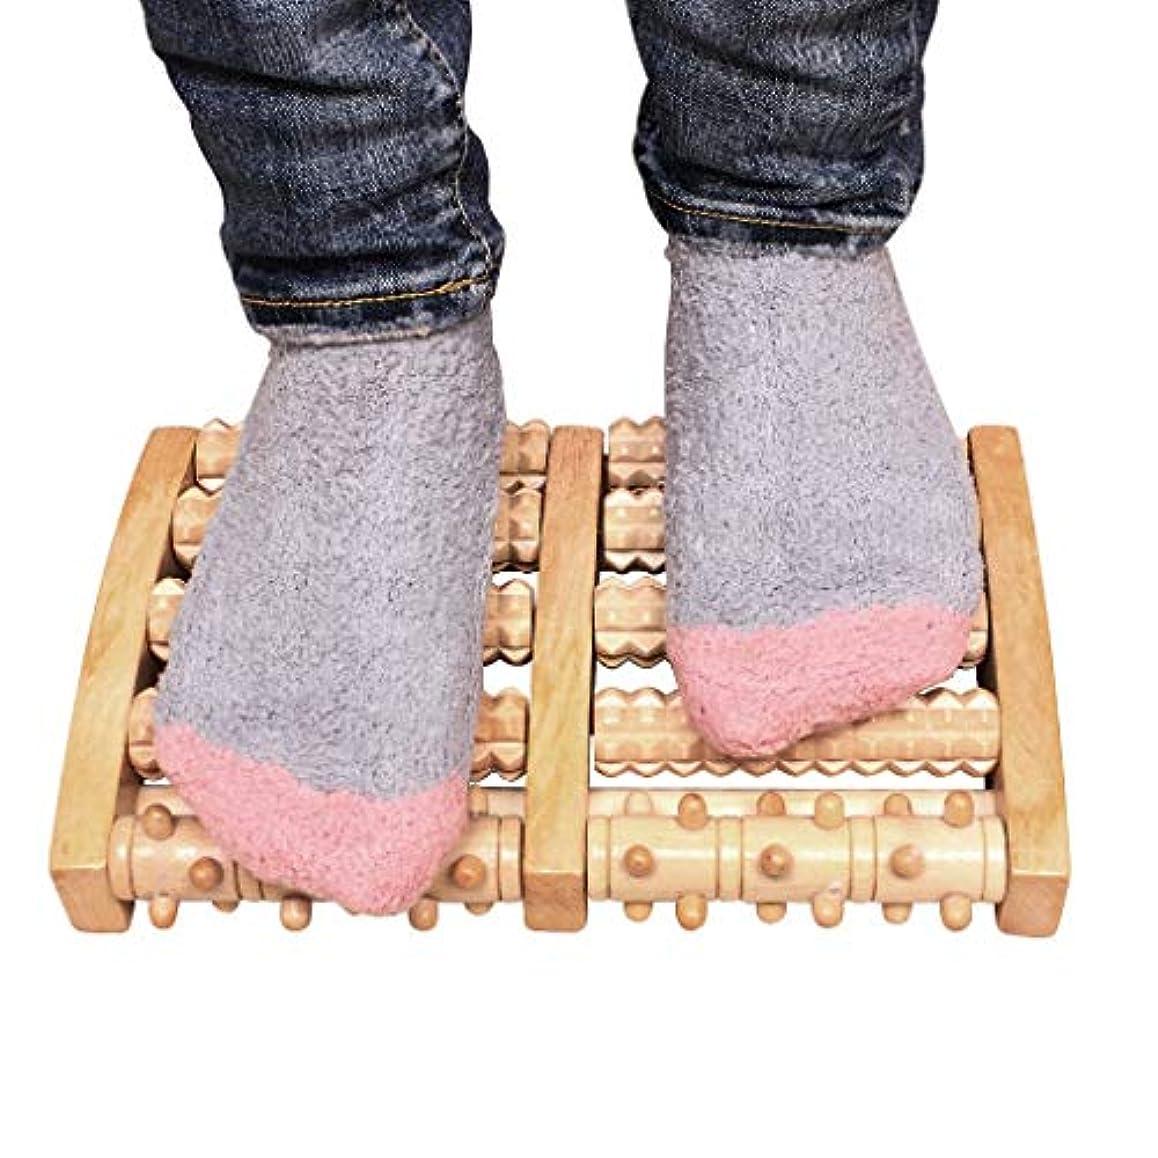 レビュー完全にアジテーション木の二重足のマッサージャー、足底筋膜炎のためのローラーの痛みの軽減治癒拍車ディープティッシュ指圧フット&ヒールマッサージャー